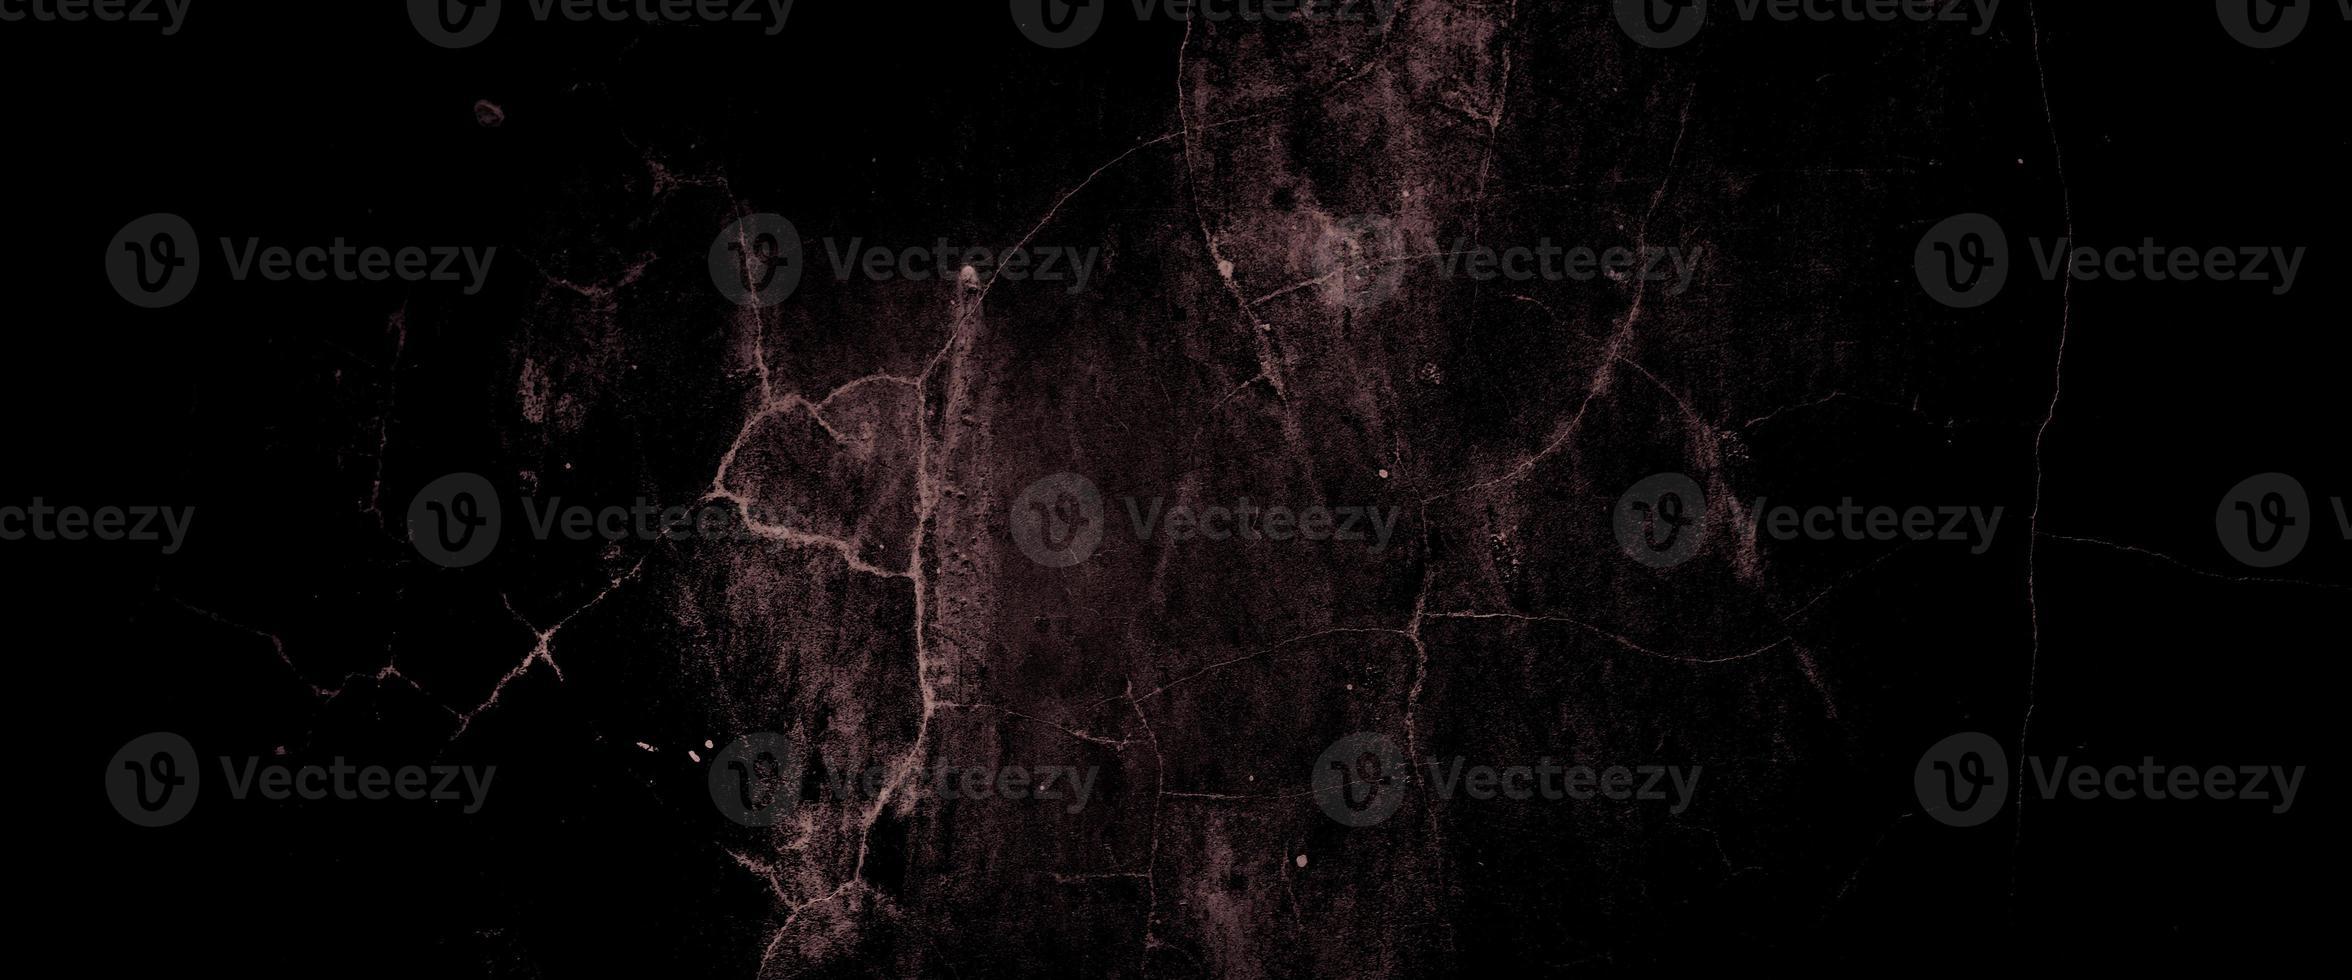 beängstigend dunkle Wände, leicht hellschwarze Betonzementtextur für den Hintergrund foto